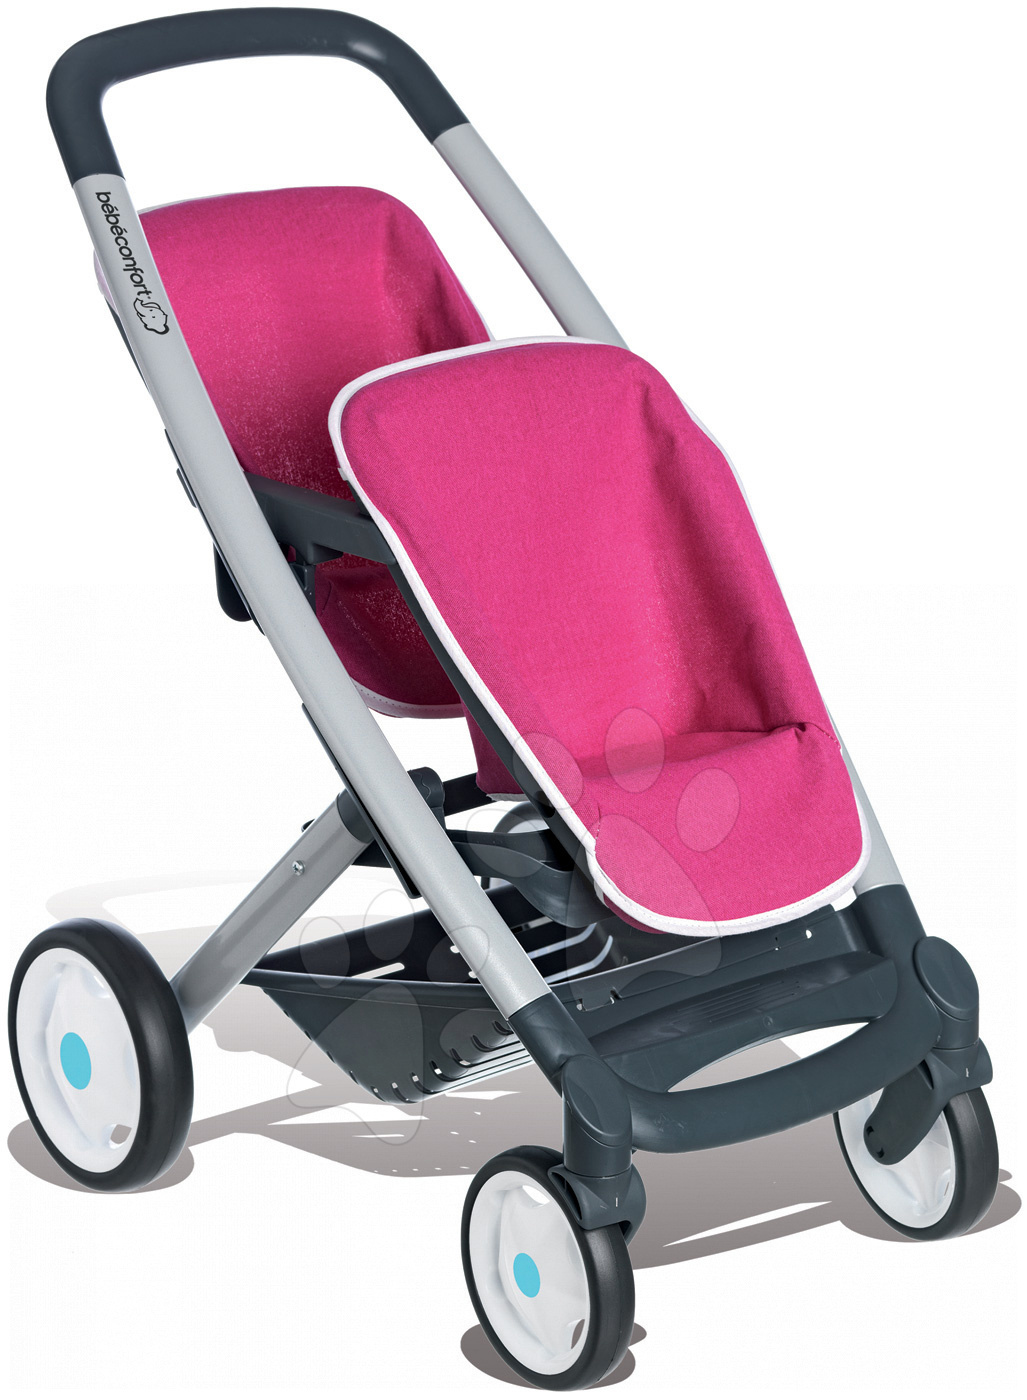 Smoby detský kočík Maxi Cosi & Quinny Twin pre dvojičky 521590 ružovo-šedý